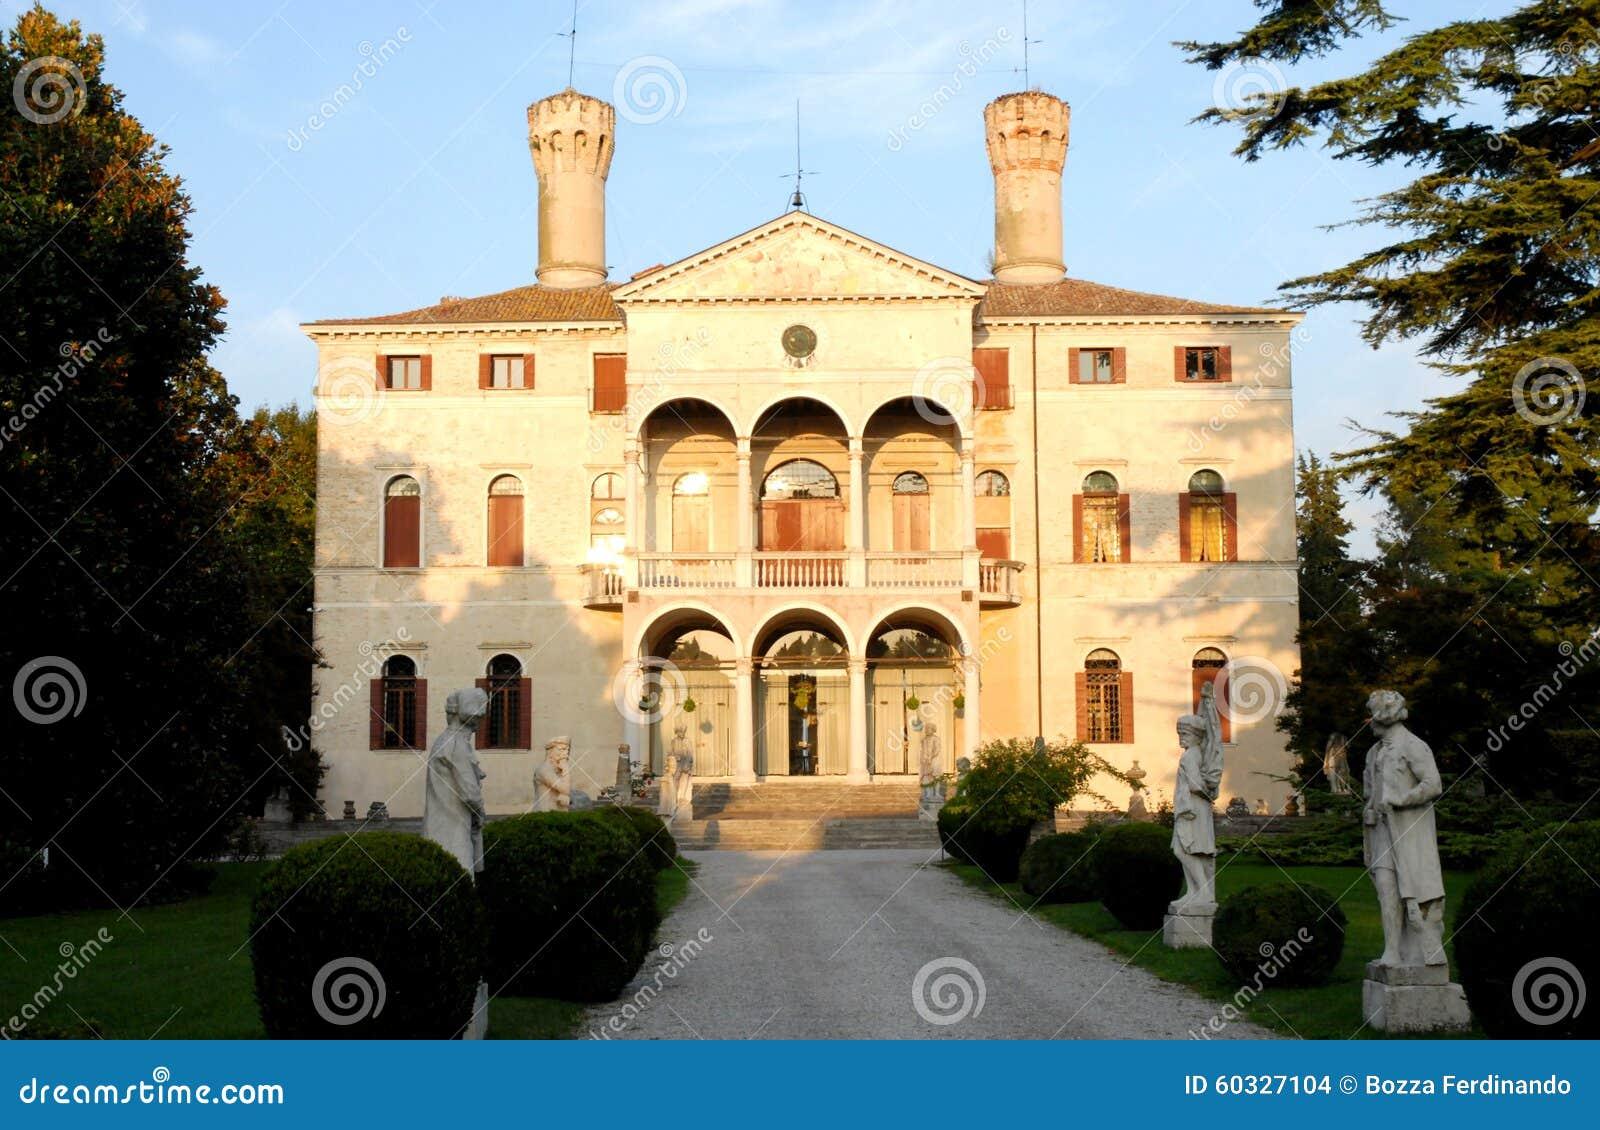 Photo Facade Villa : Facade of the villa giustinian in roncade province